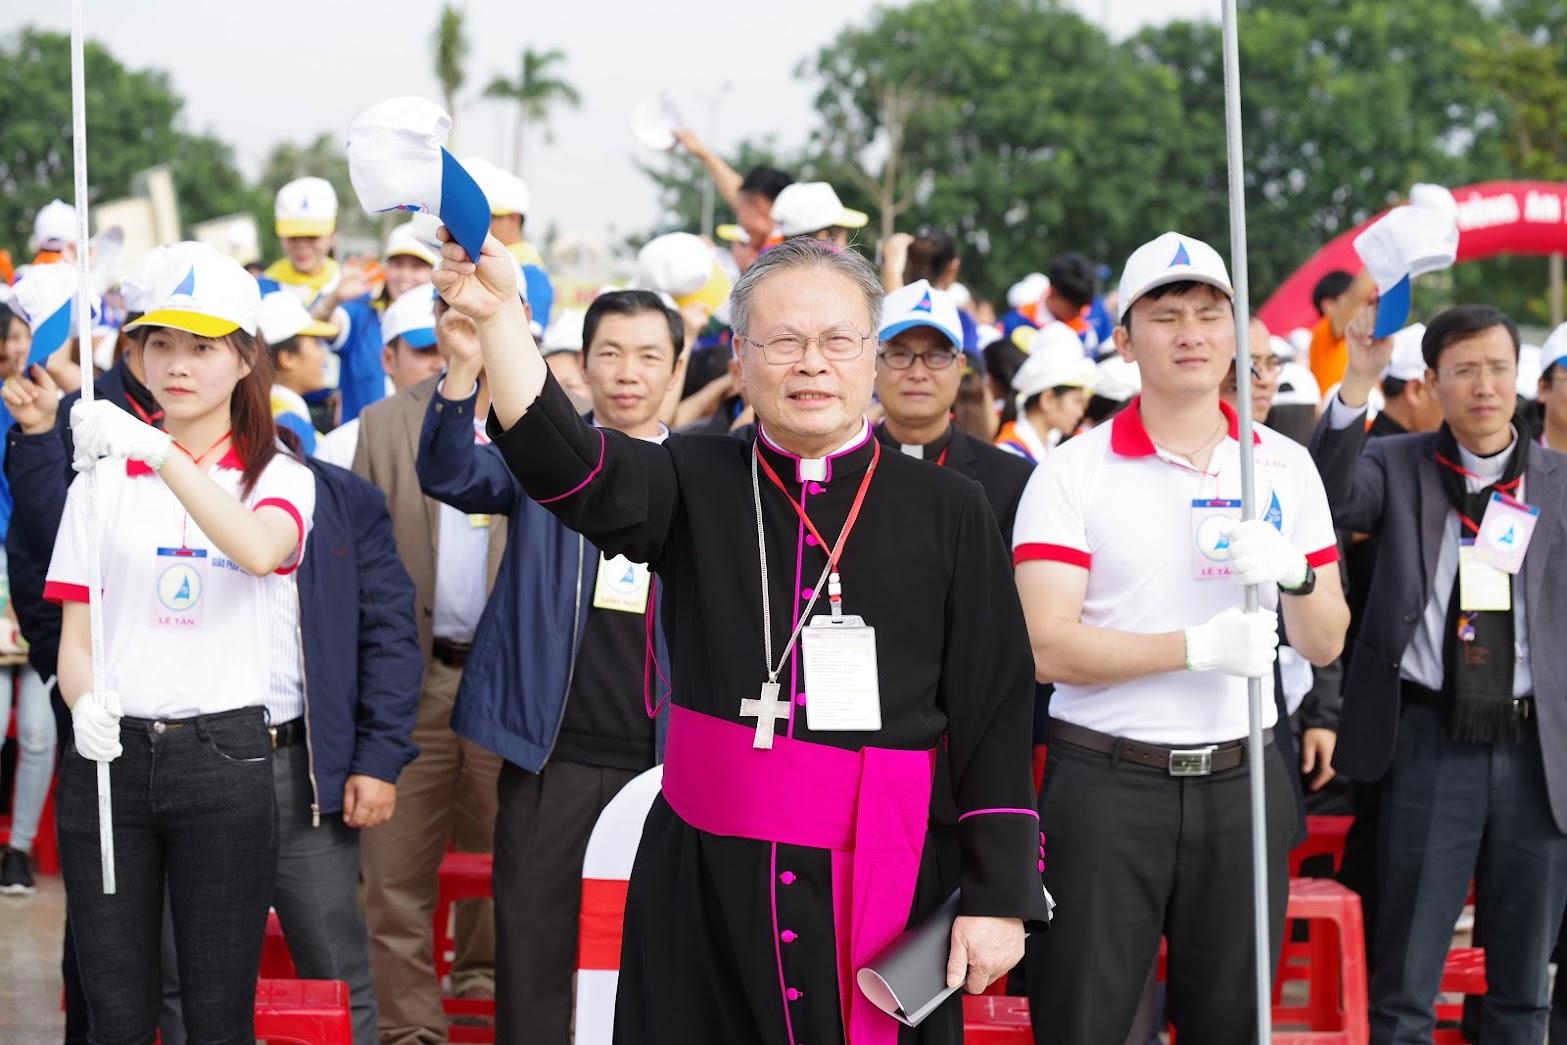 Những hình ảnh đẹp về lễ khai mạc Đại Hội Giới Trẻ giáo tỉnh Hà Nội lần thứ XV tại Thanh Hóa - Ảnh minh hoạ 29